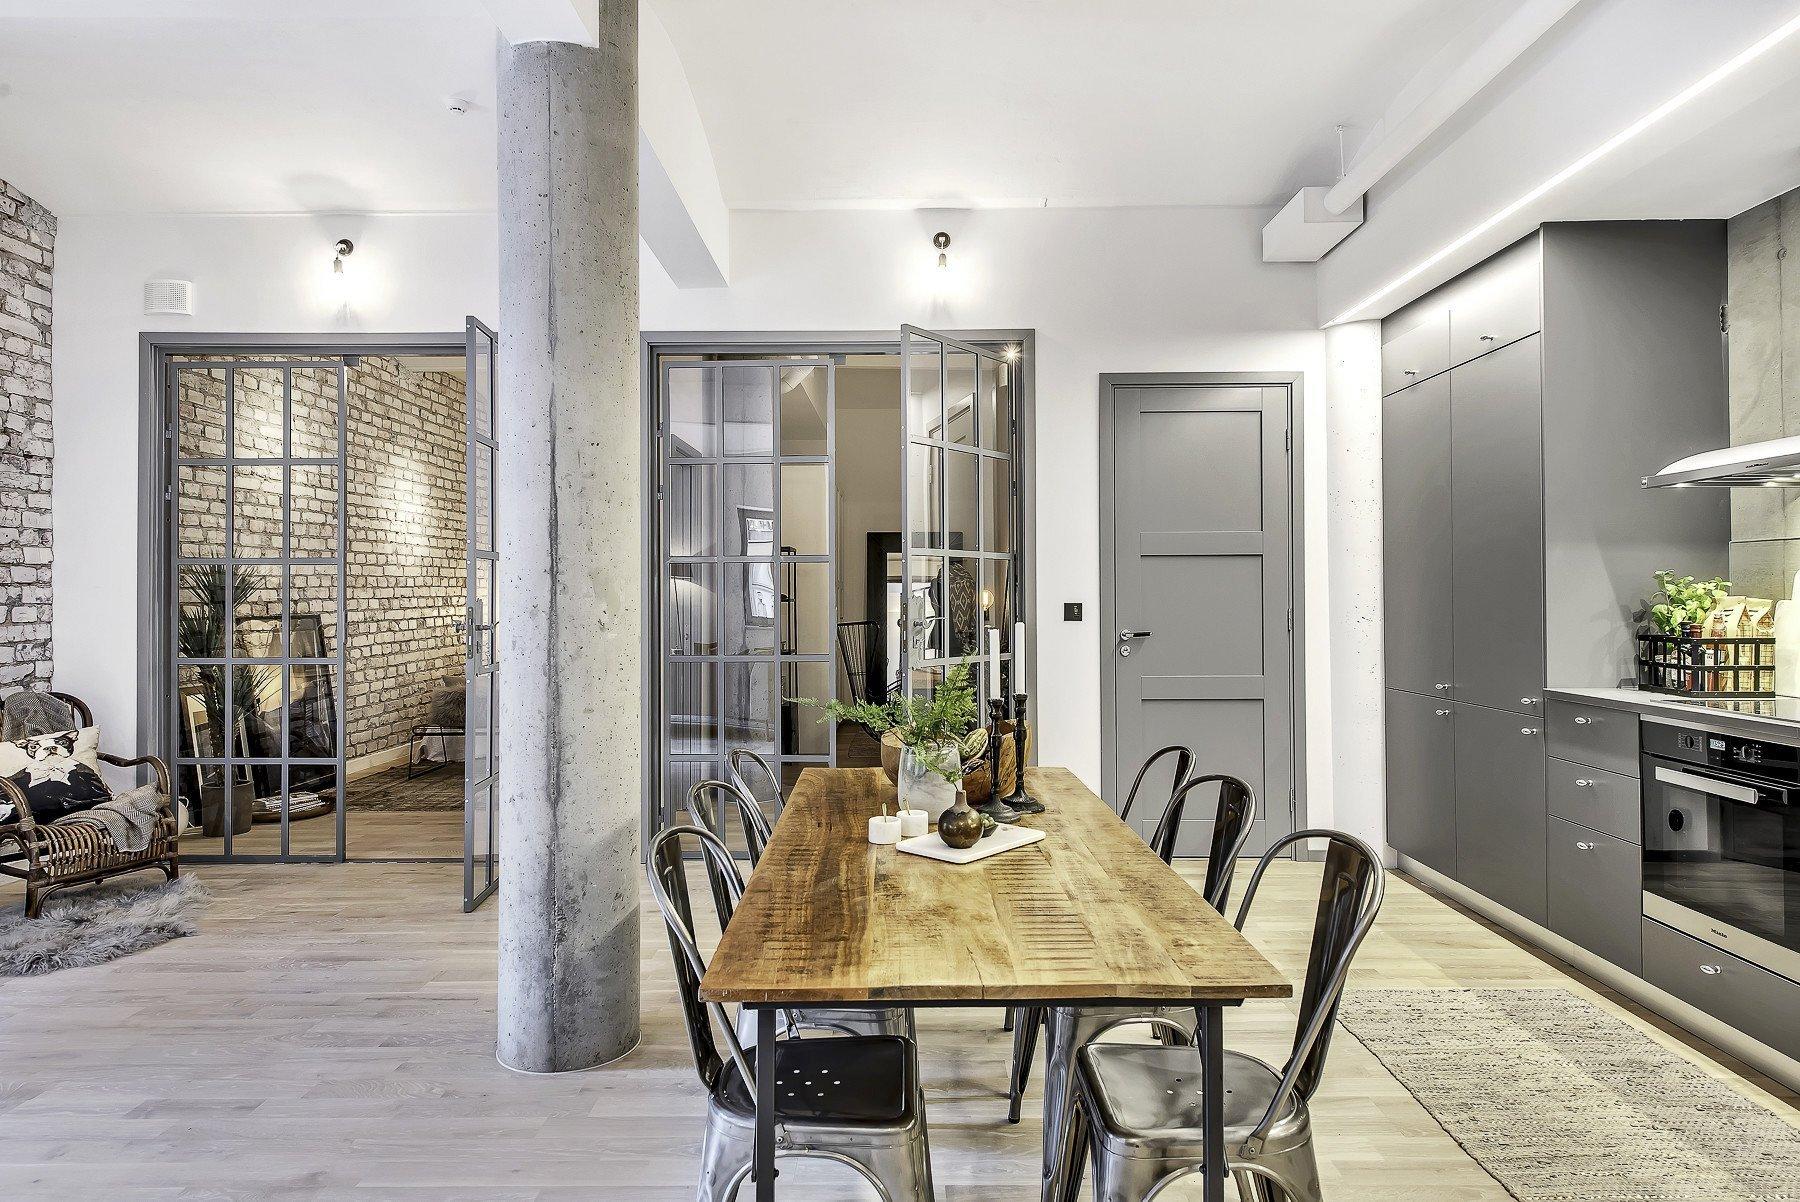 Tento romantický industriální podkrovní byt funguje souhrou různorodých užitých materiálů a stavebních prvků – ať už jsou to betonové stěny, dřevo, omítnuté cihly, klenutý strop či ocelové rámy u skleněných oken a dveří. Kombinace toho všeho vyvolává dojem příjemného a útulného prosvětleného prostoru. Mísí se tu teplé interiérové prvky (dřevěná deska stolu, proutěné křeslo, stolička) se studenou průmyslovostí (betonové stěny, ocelové rámy).